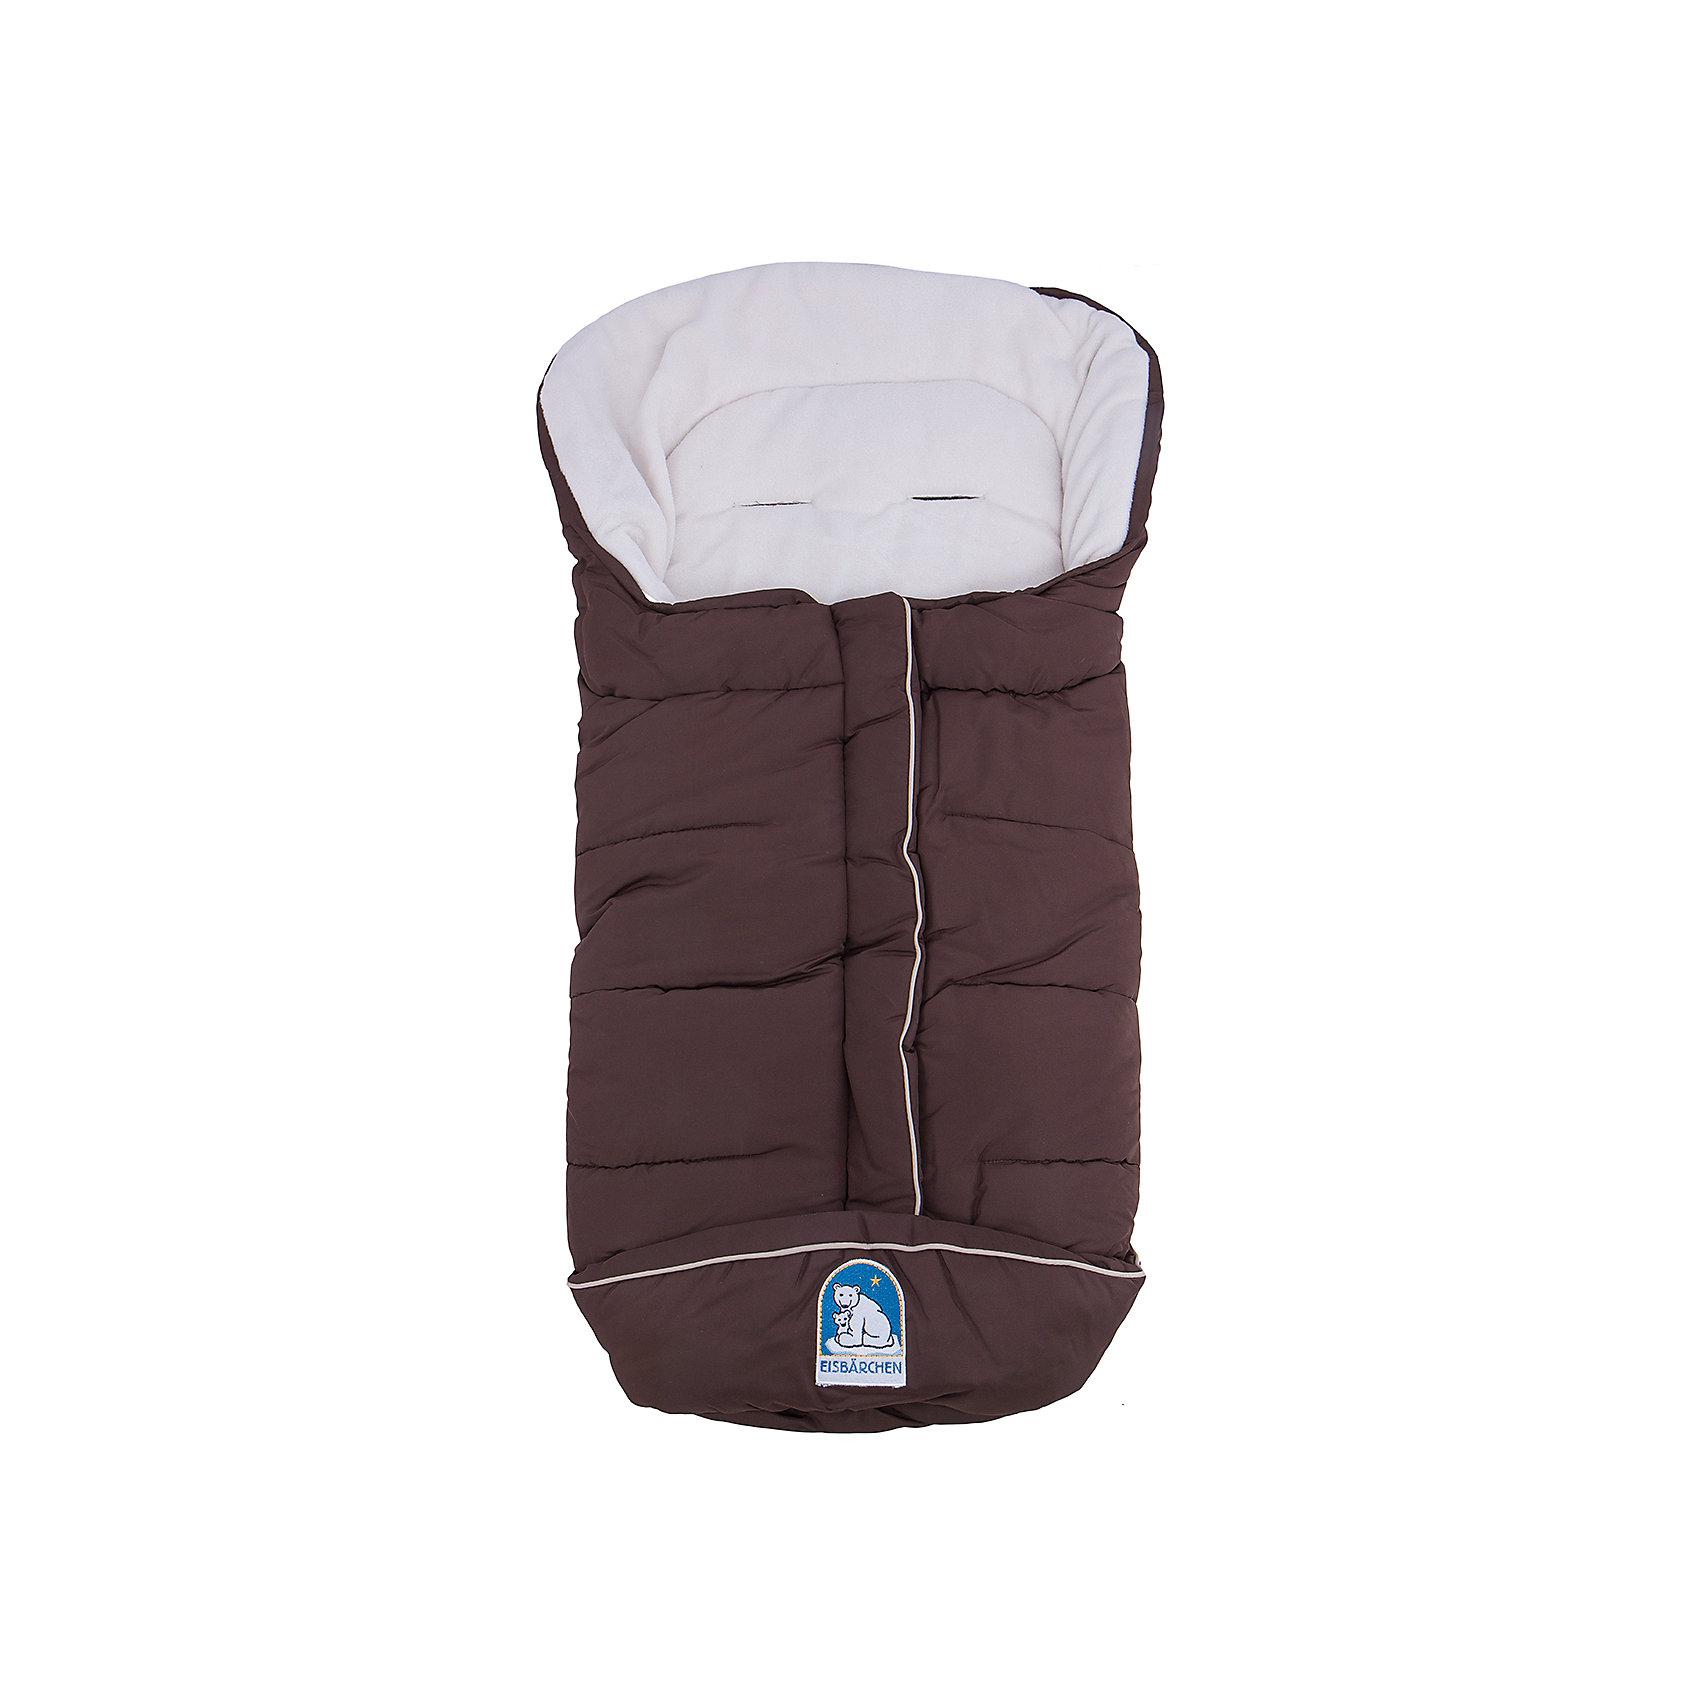 Конверт 7965 SM, Heitmann Felle, мокка/песочныйЗимние конверты<br>Конверт Heitmann Felle изготовлен из флиса и отлично подойдет для прогулок. Теплый конверт надежно защитит малыша от холода и ветра. Конверт застегивает на молнию по центру и удобно раскладывается в одеяльце. Оснащен прорезями для пятиточечных ремней безопасности и полосой-отражателем. С этим конвертом ваша кроха будет гулять с комфортом и в безопасности!<br><br>Дополнительная информация:<br>-магнитная кнопка<br>-можно использовать как одеяльце<br>-прорези для 5-точечных ремней безопасности<br>-простегано<br>-можно стирать при температуре 30 градусов<br><br>Материал: 100% полиэстер. Подкладка: 80% полиэстер, 20% вискоза<br>Размер: 80х40 см<br>Вес: 600 грамм<br>Цвет: коричневый<br>Конверт Heitmann Felle можно купить в нашем интернет-магазине.<br><br>Ширина мм: 900<br>Глубина мм: 450<br>Высота мм: 50<br>Вес г: 2000<br>Возраст от месяцев: 0<br>Возраст до месяцев: 12<br>Пол: Унисекс<br>Возраст: Детский<br>SKU: 4977801